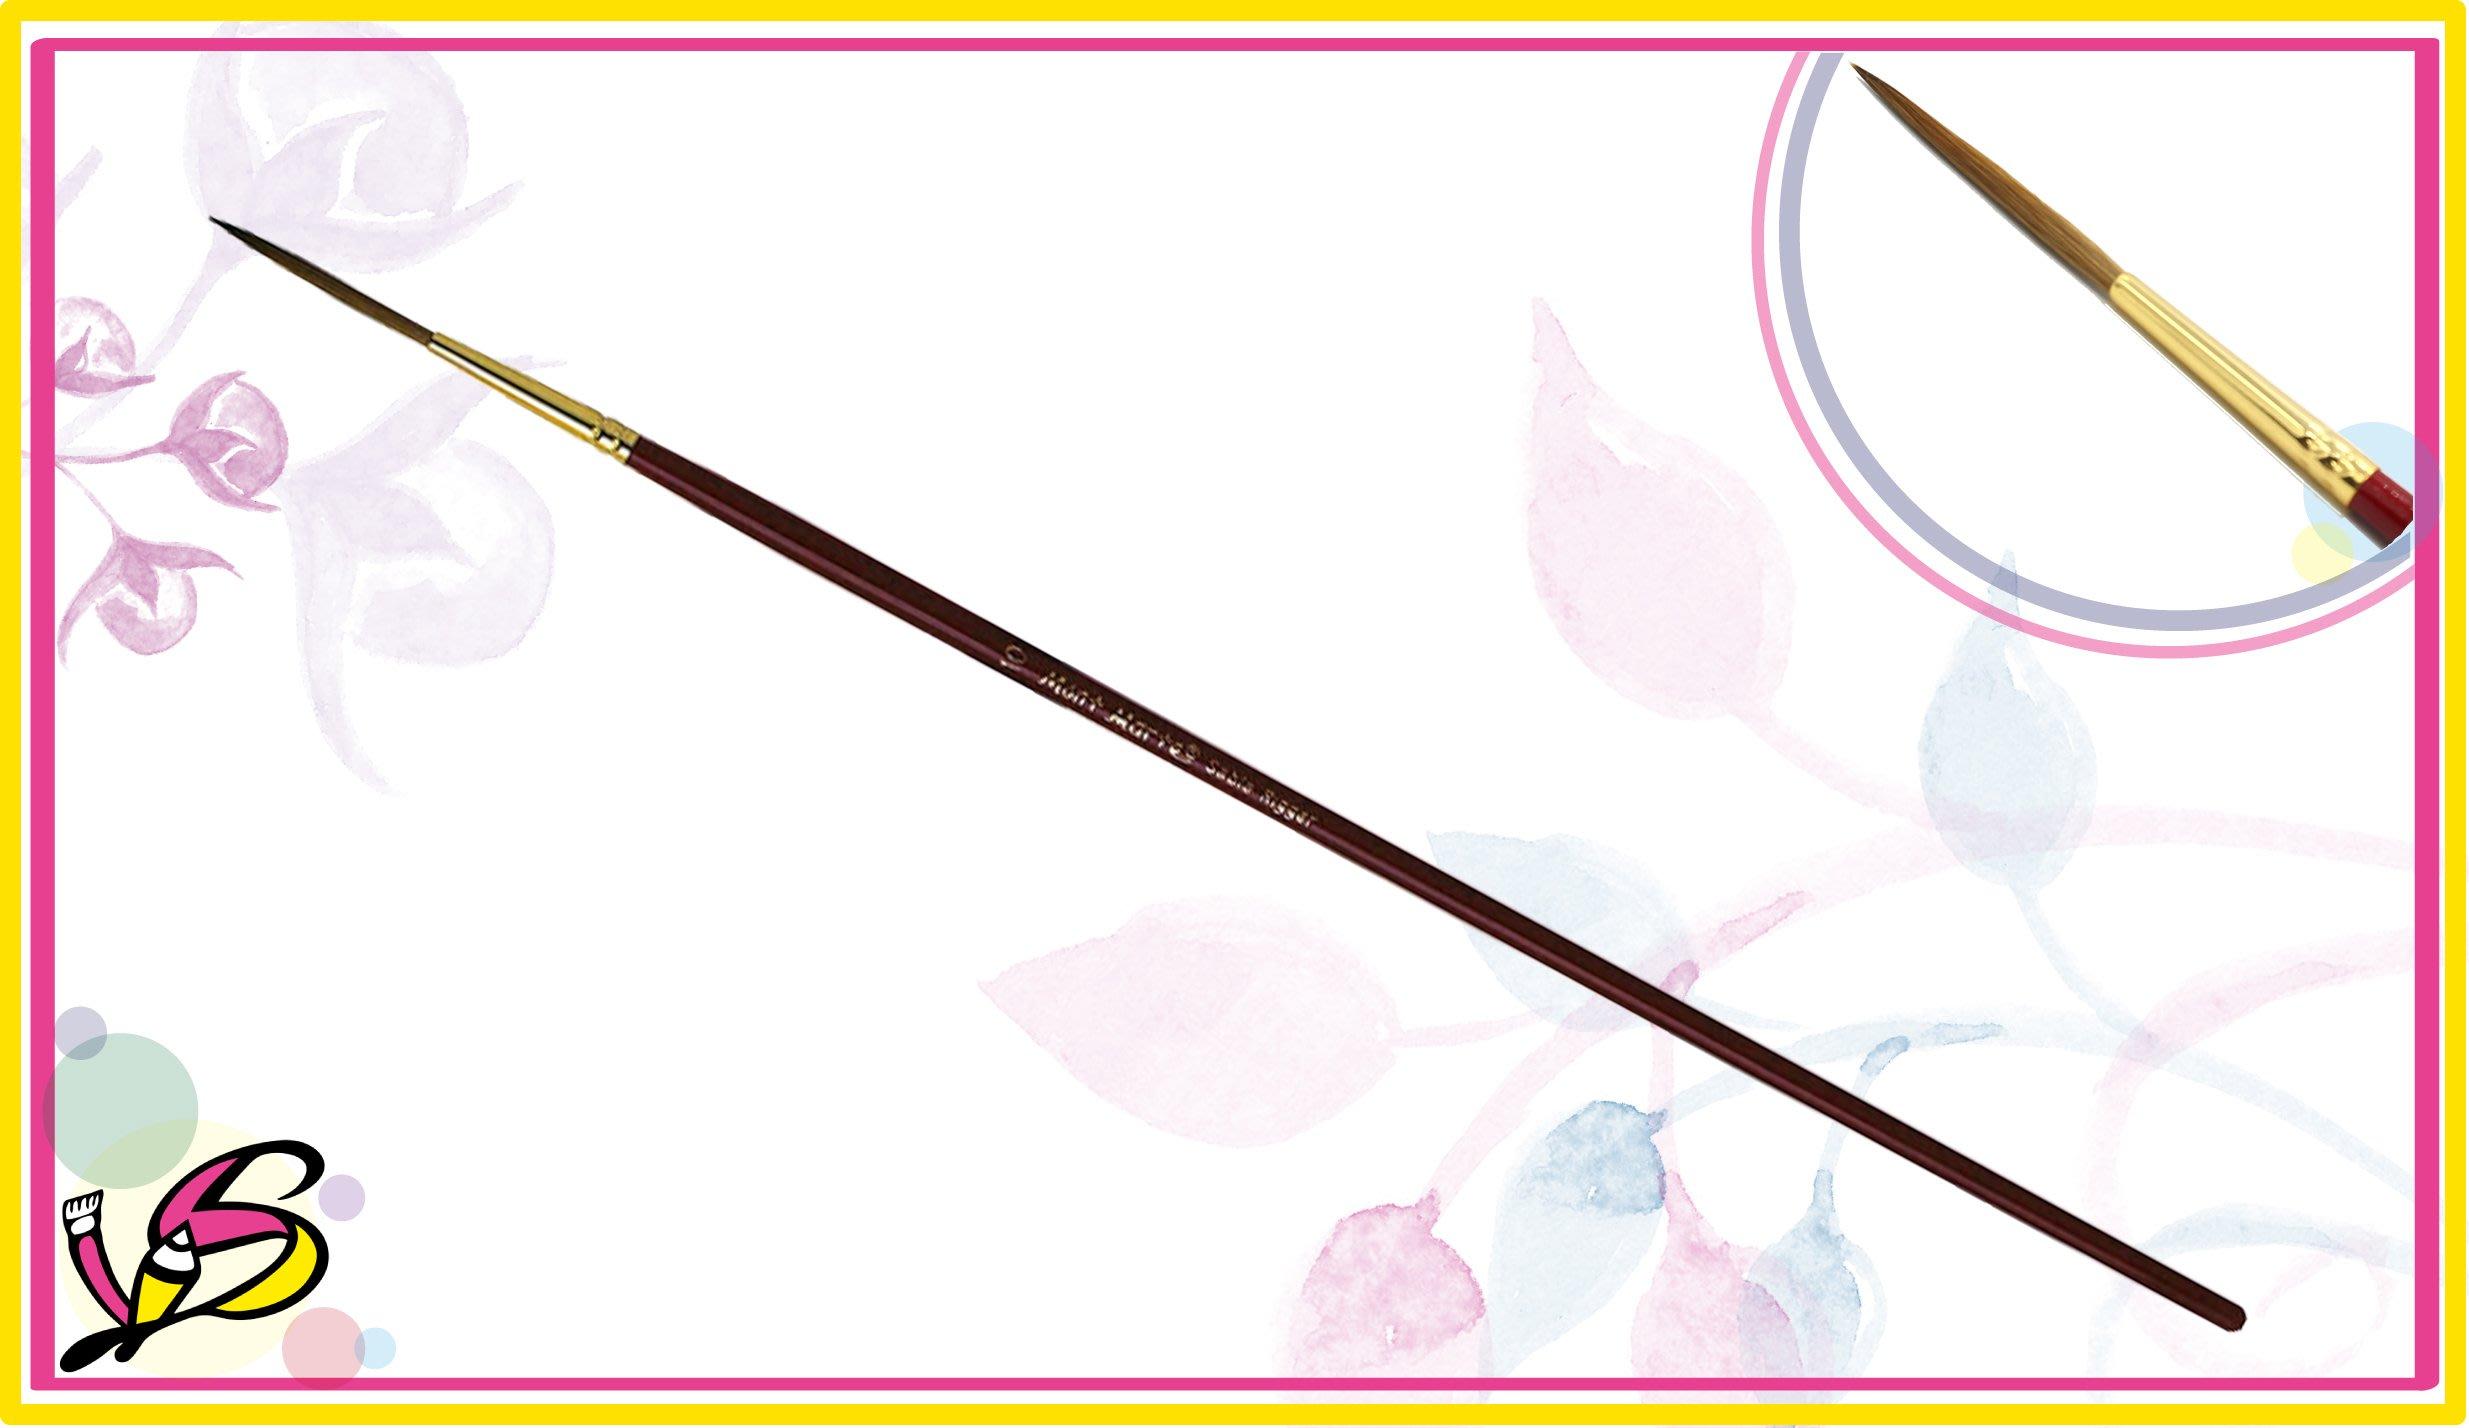 【世薪美術社】蒙馬特長峰拉線筆,強而有力彈性佳,毛峰不易變形,畫線好選擇!【10號】